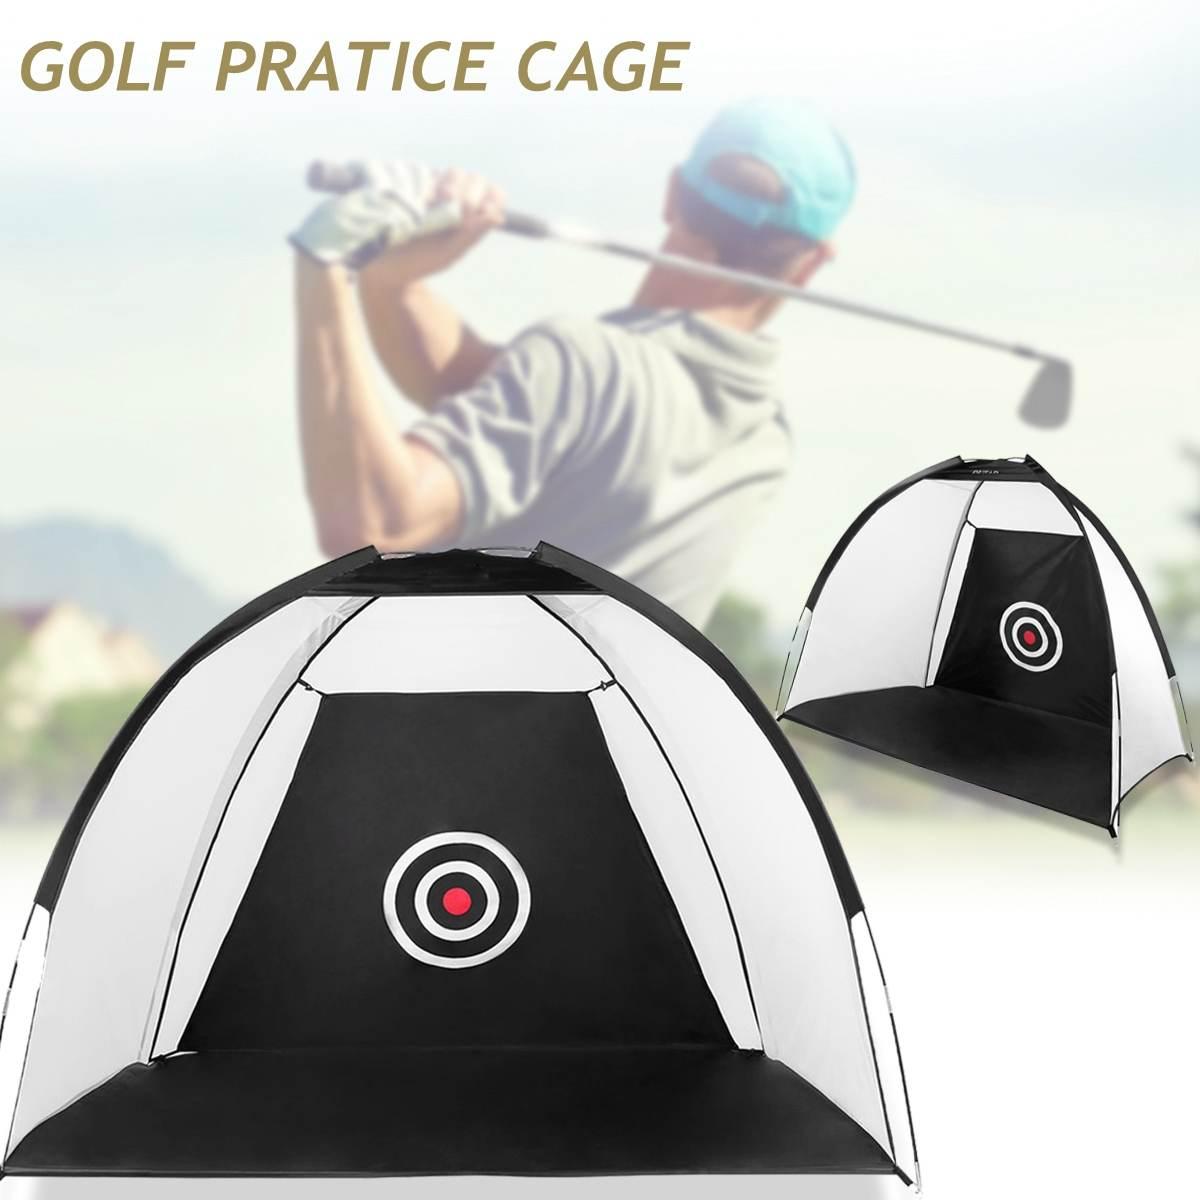 2/3 M Golf Cage Practice Net Training Indoor Outdoor Sport Golf Exercise Equipment Garden Trainer